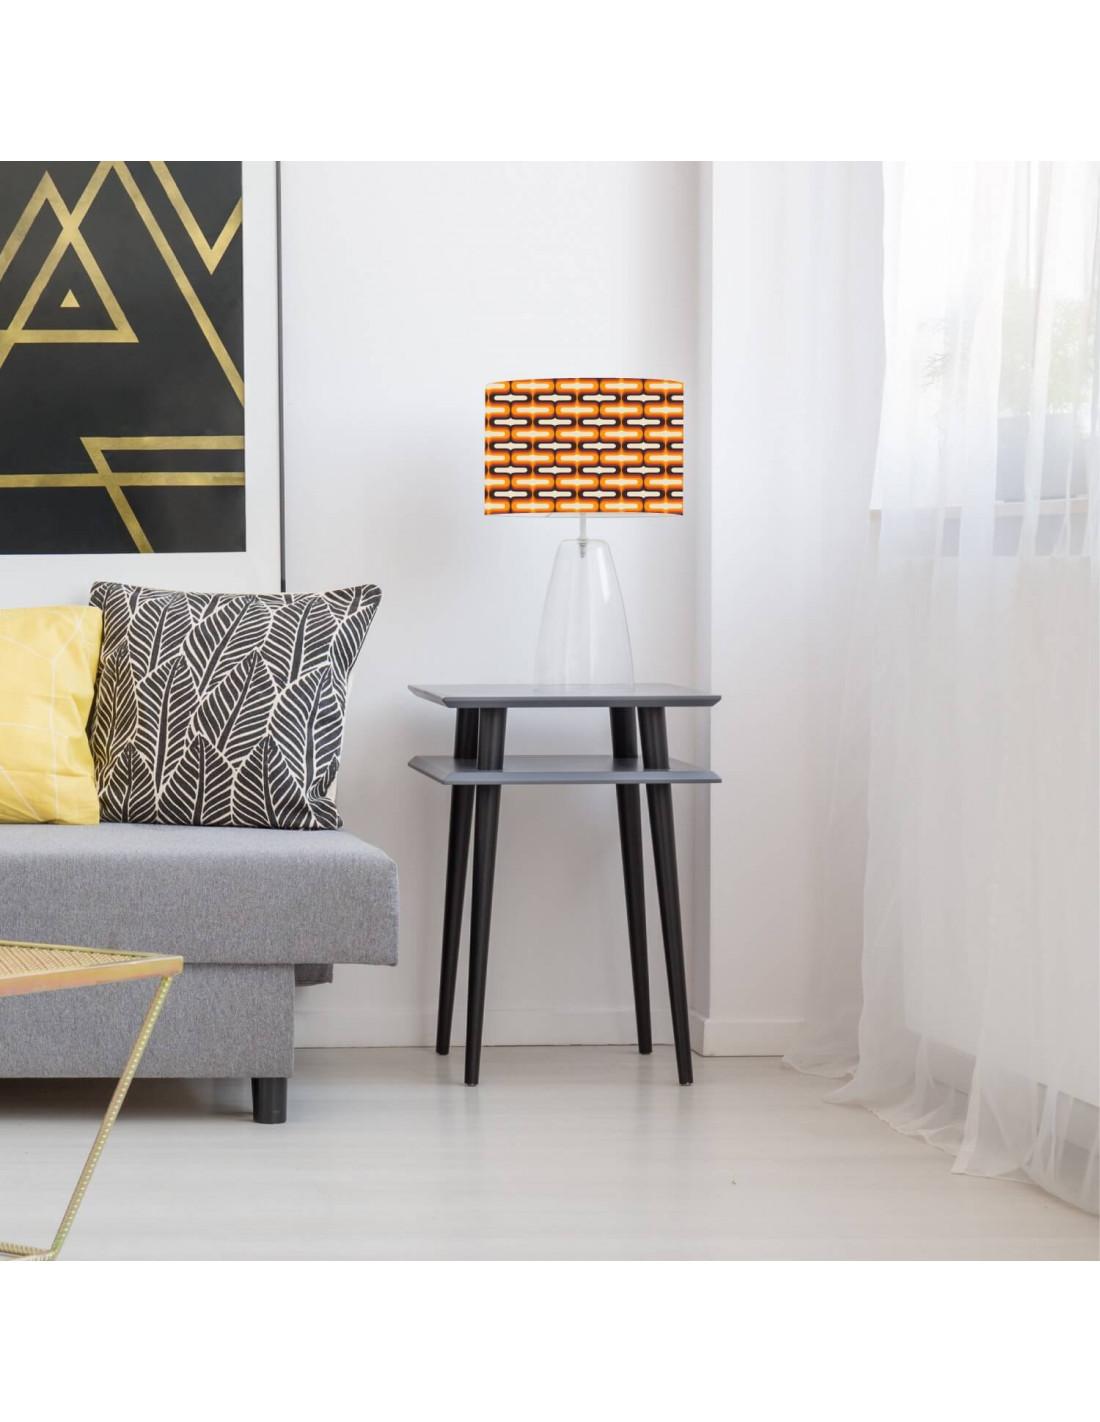 Abat-jour beige imprimé orange d 100 cm